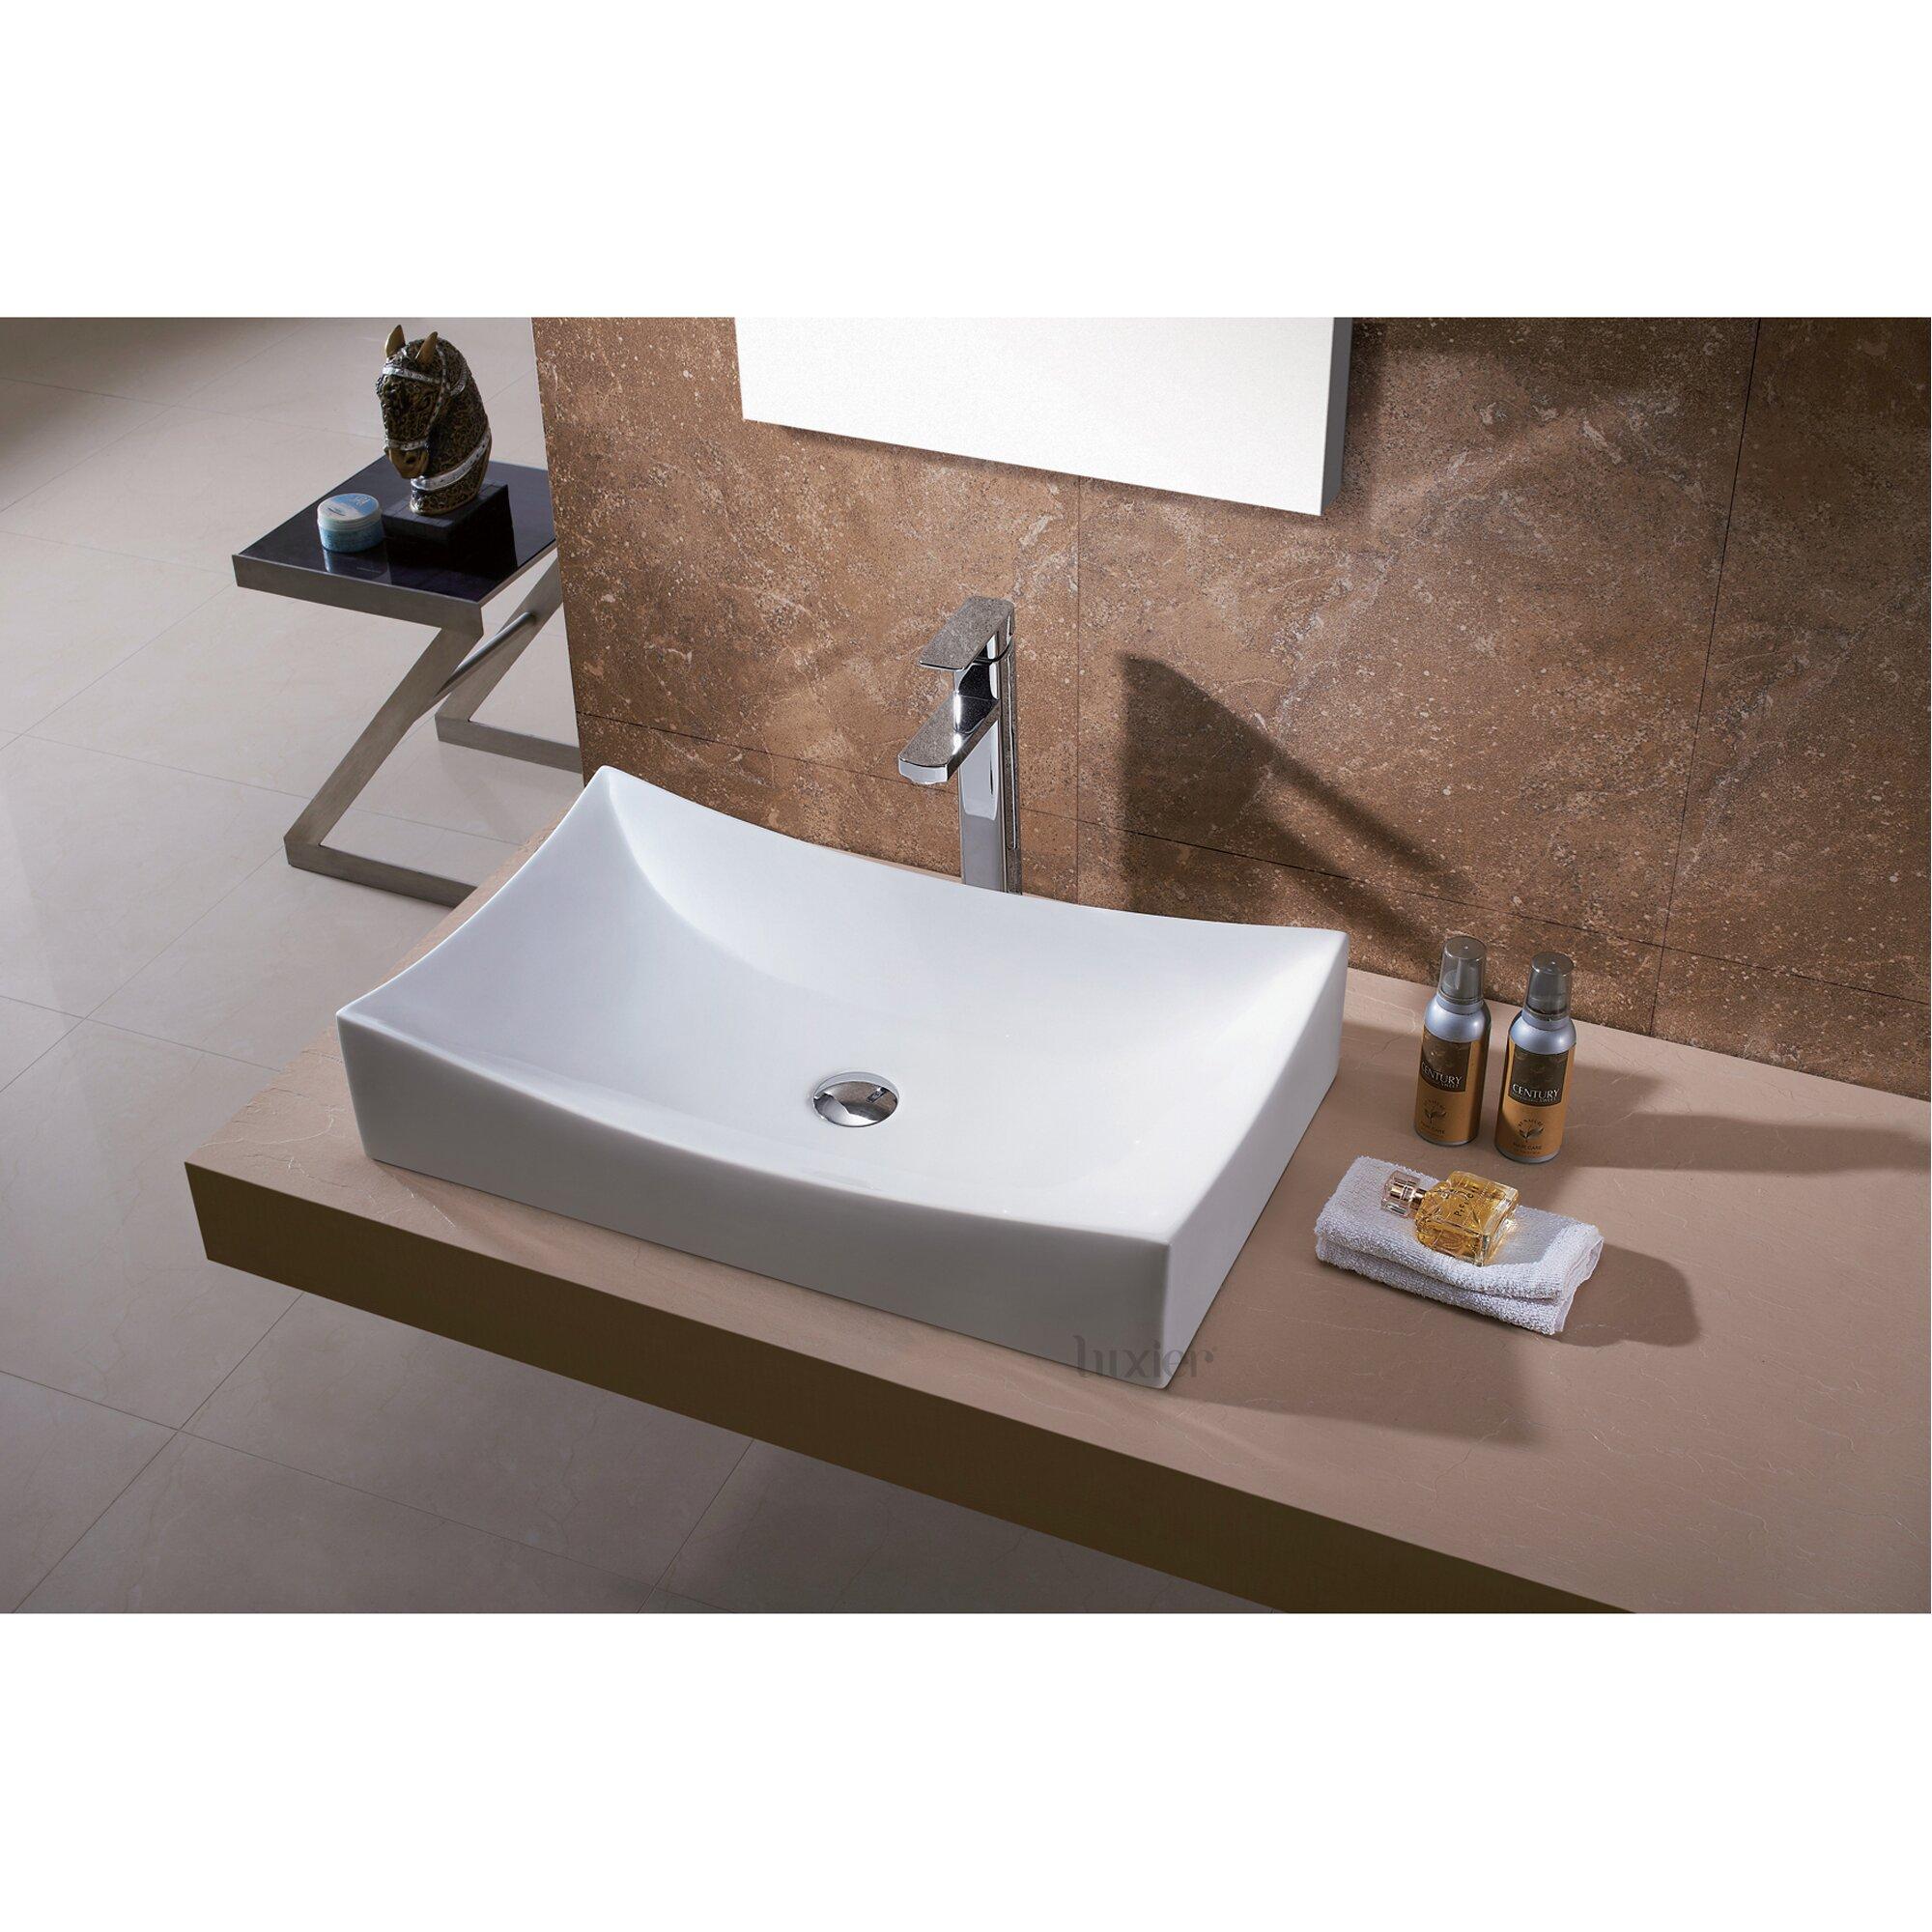 Luxier L 001 Bathroom Porcelain Ceramic Vessel Vanity Sink